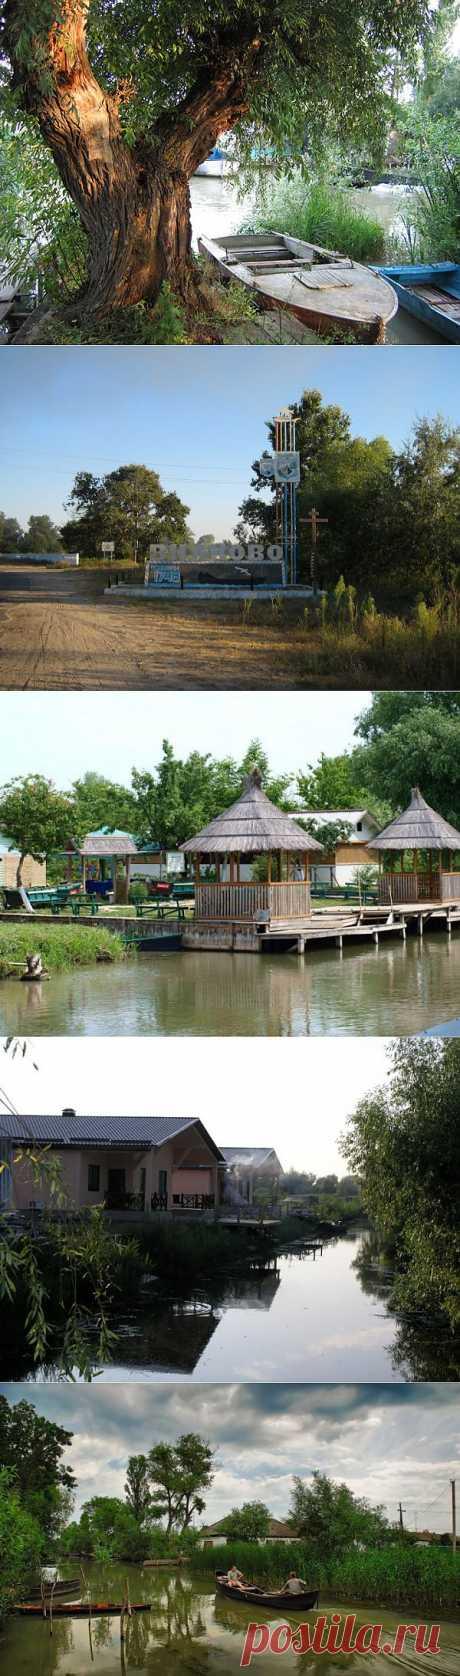 (+1) - Экзотика в дельте Дуная! | УДИВИТЕЛЬНОЕ